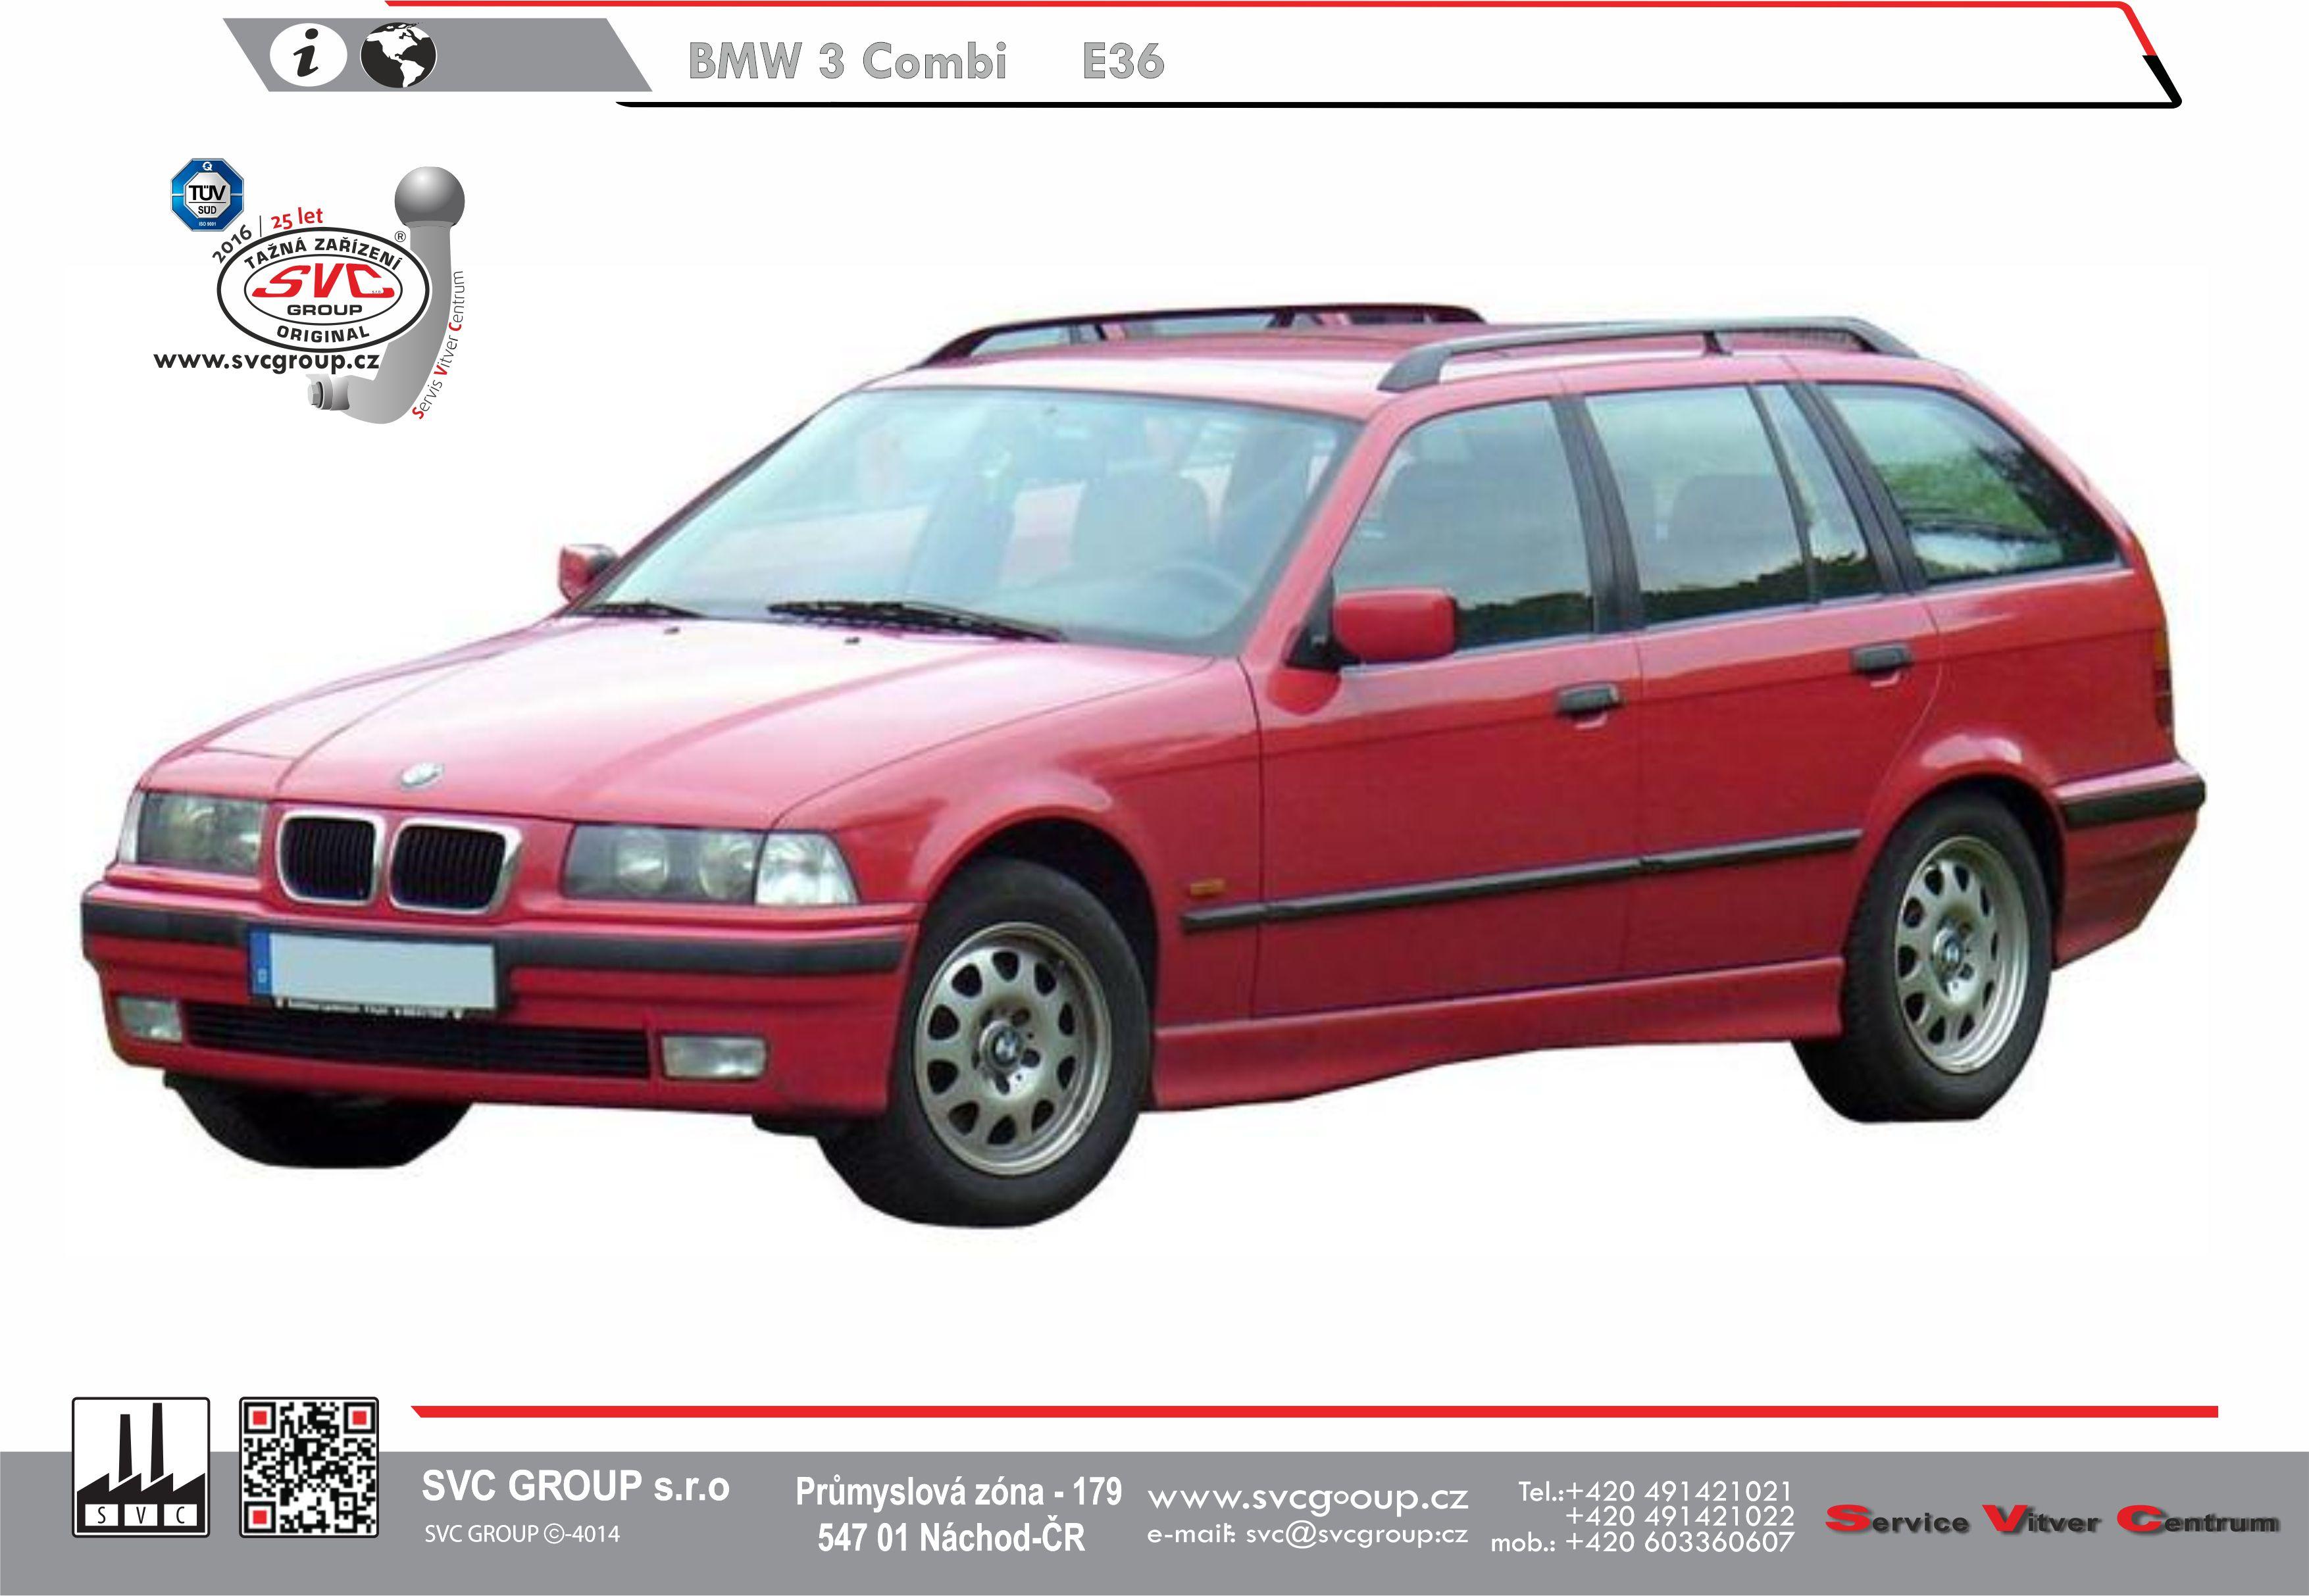 BMW 3 Série Kombi